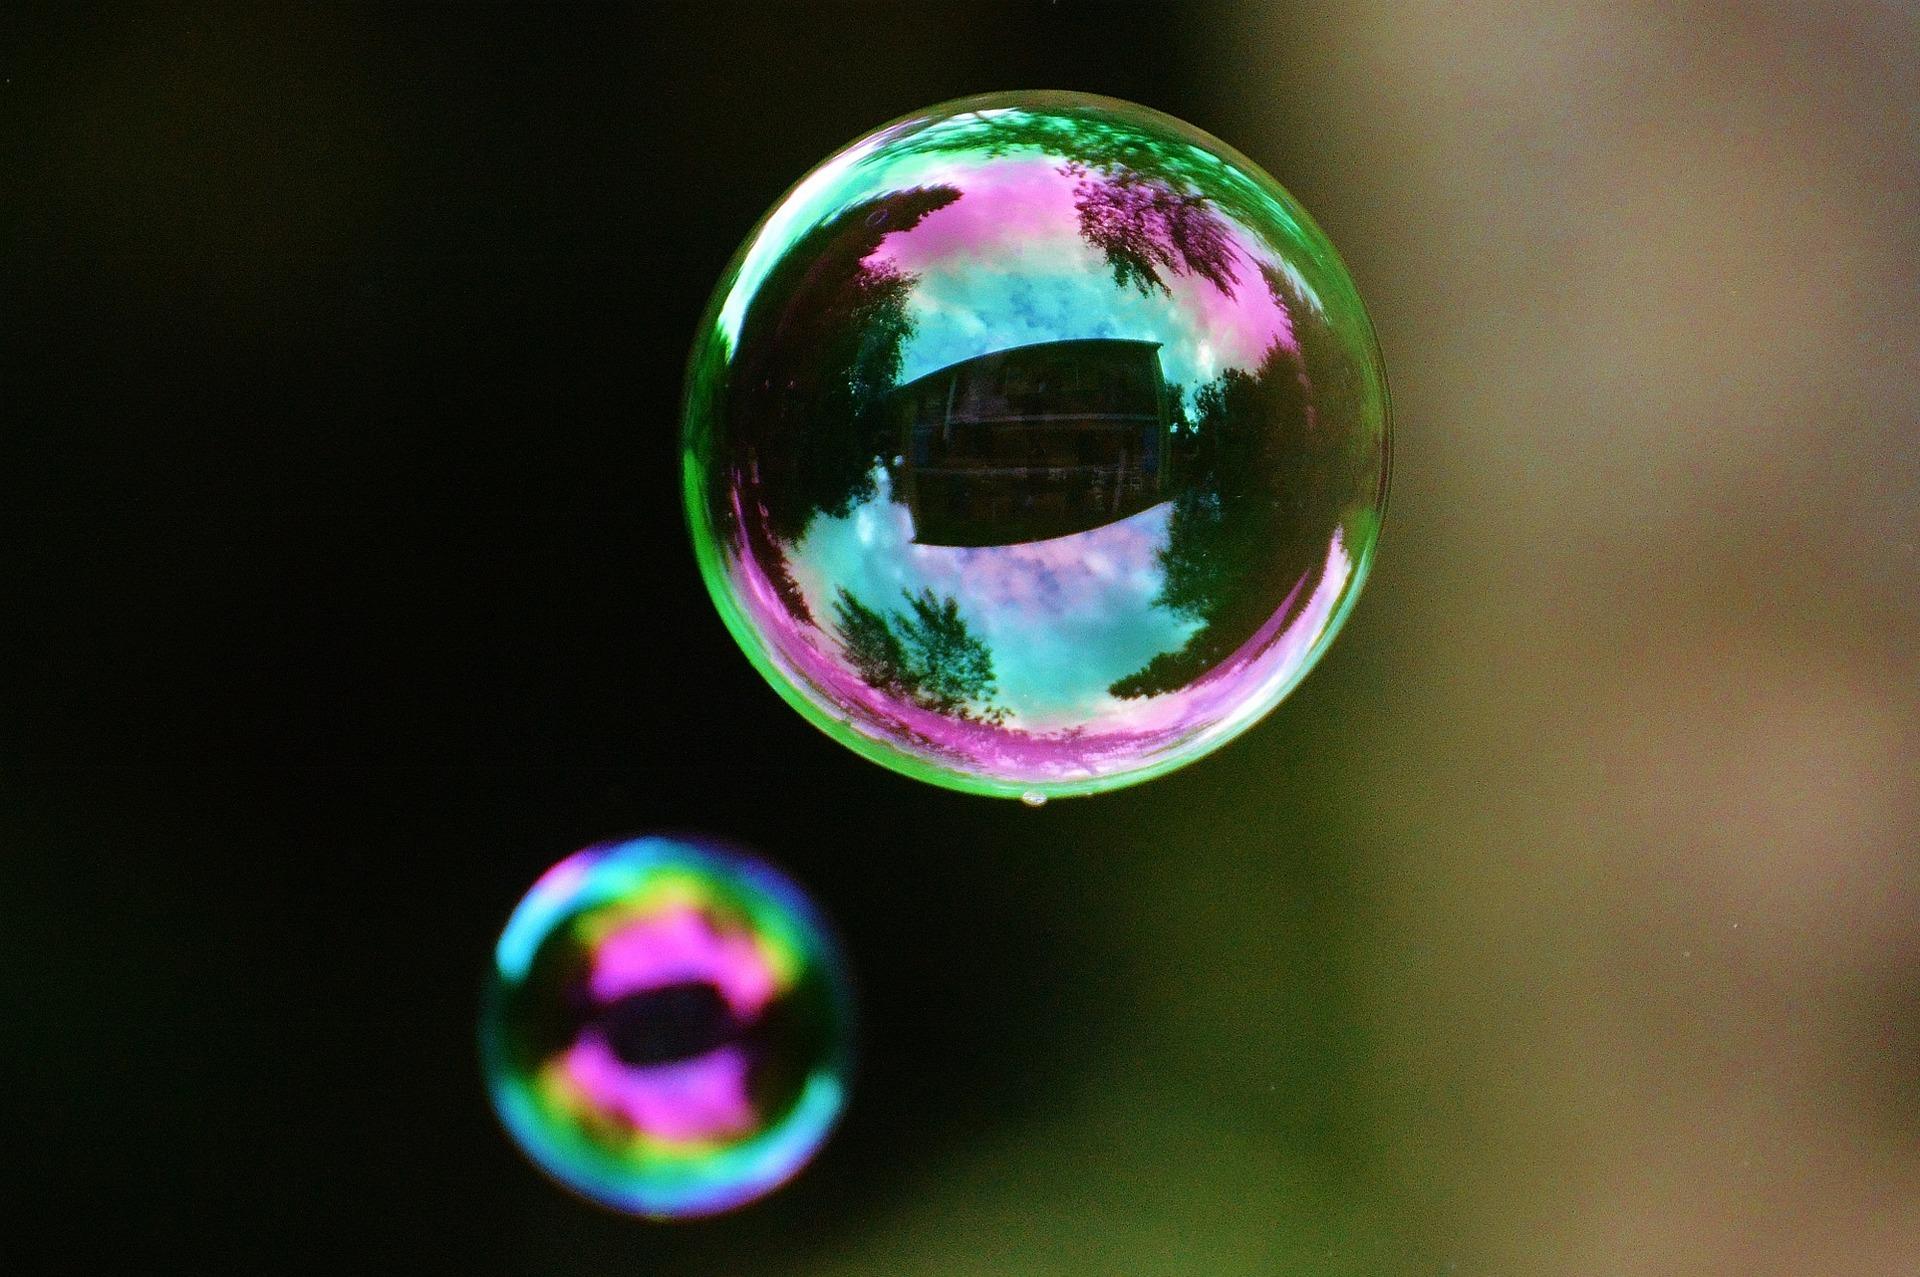 Cómo funciona la máquina de burbujas